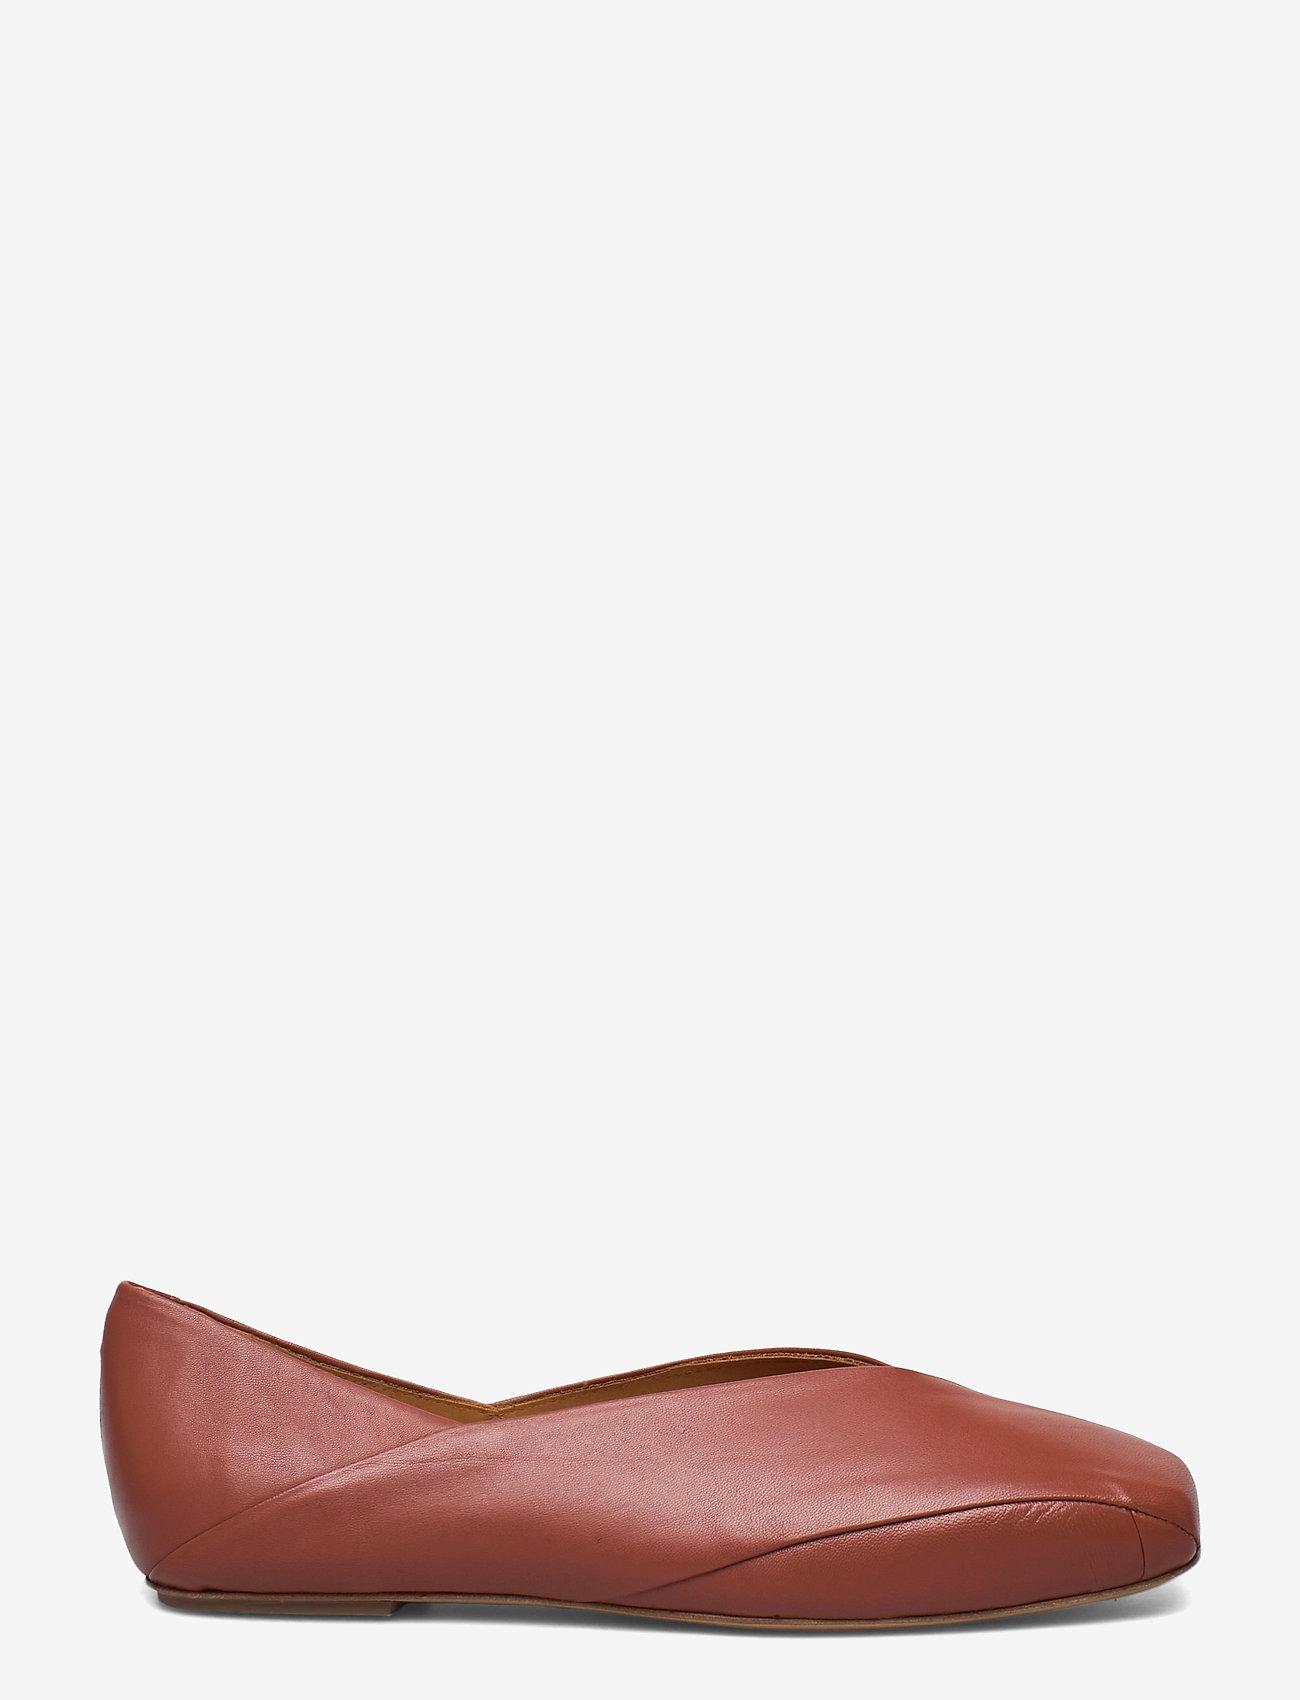 RODEBJER - RODEBJER YLENA - schoenen - chestnut - 1